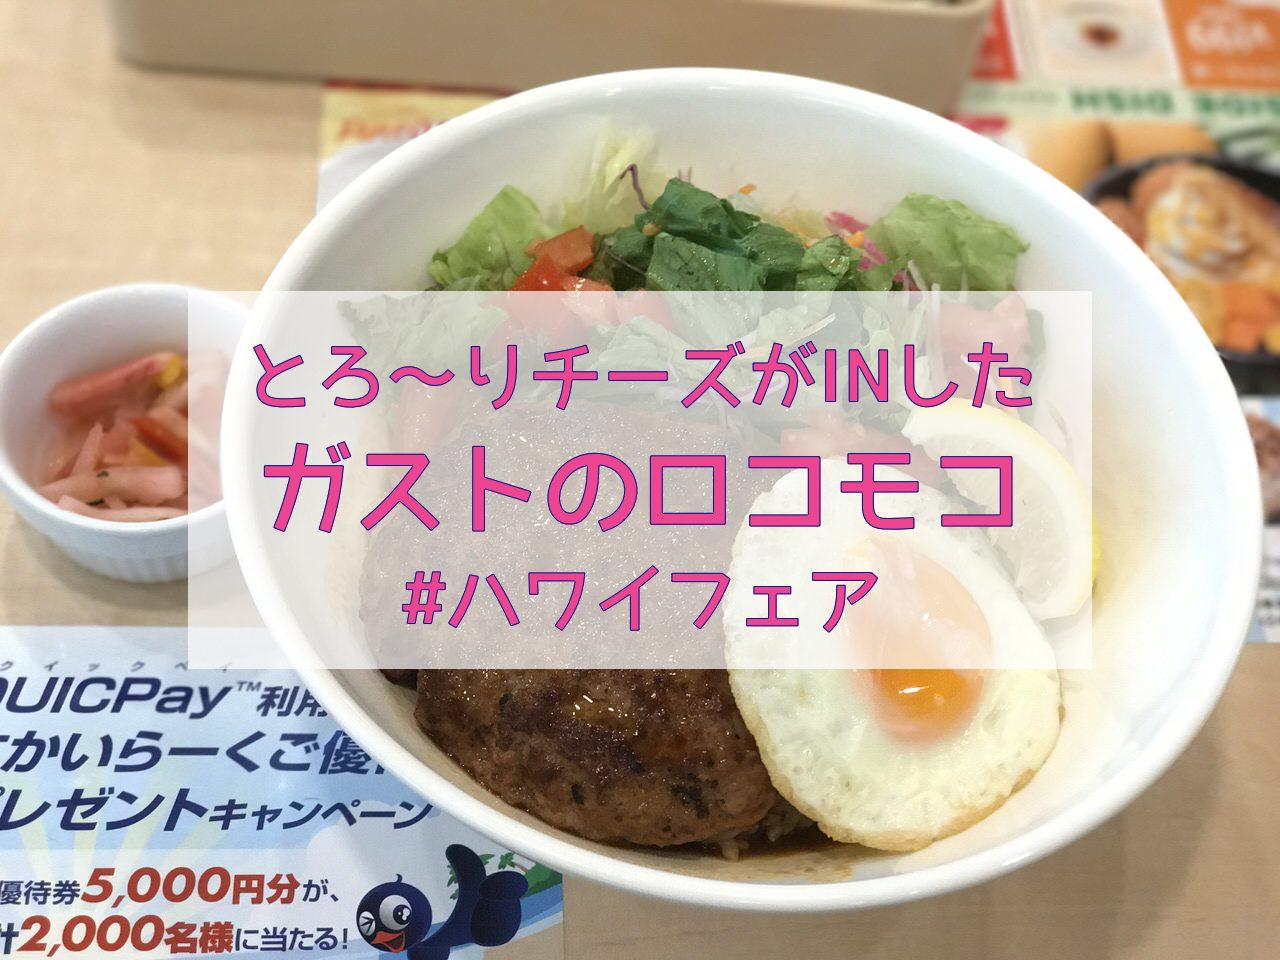 【PR】ガストでハワイ!「チーズINロコモコ」チーズがIN、目玉焼きがオン♪